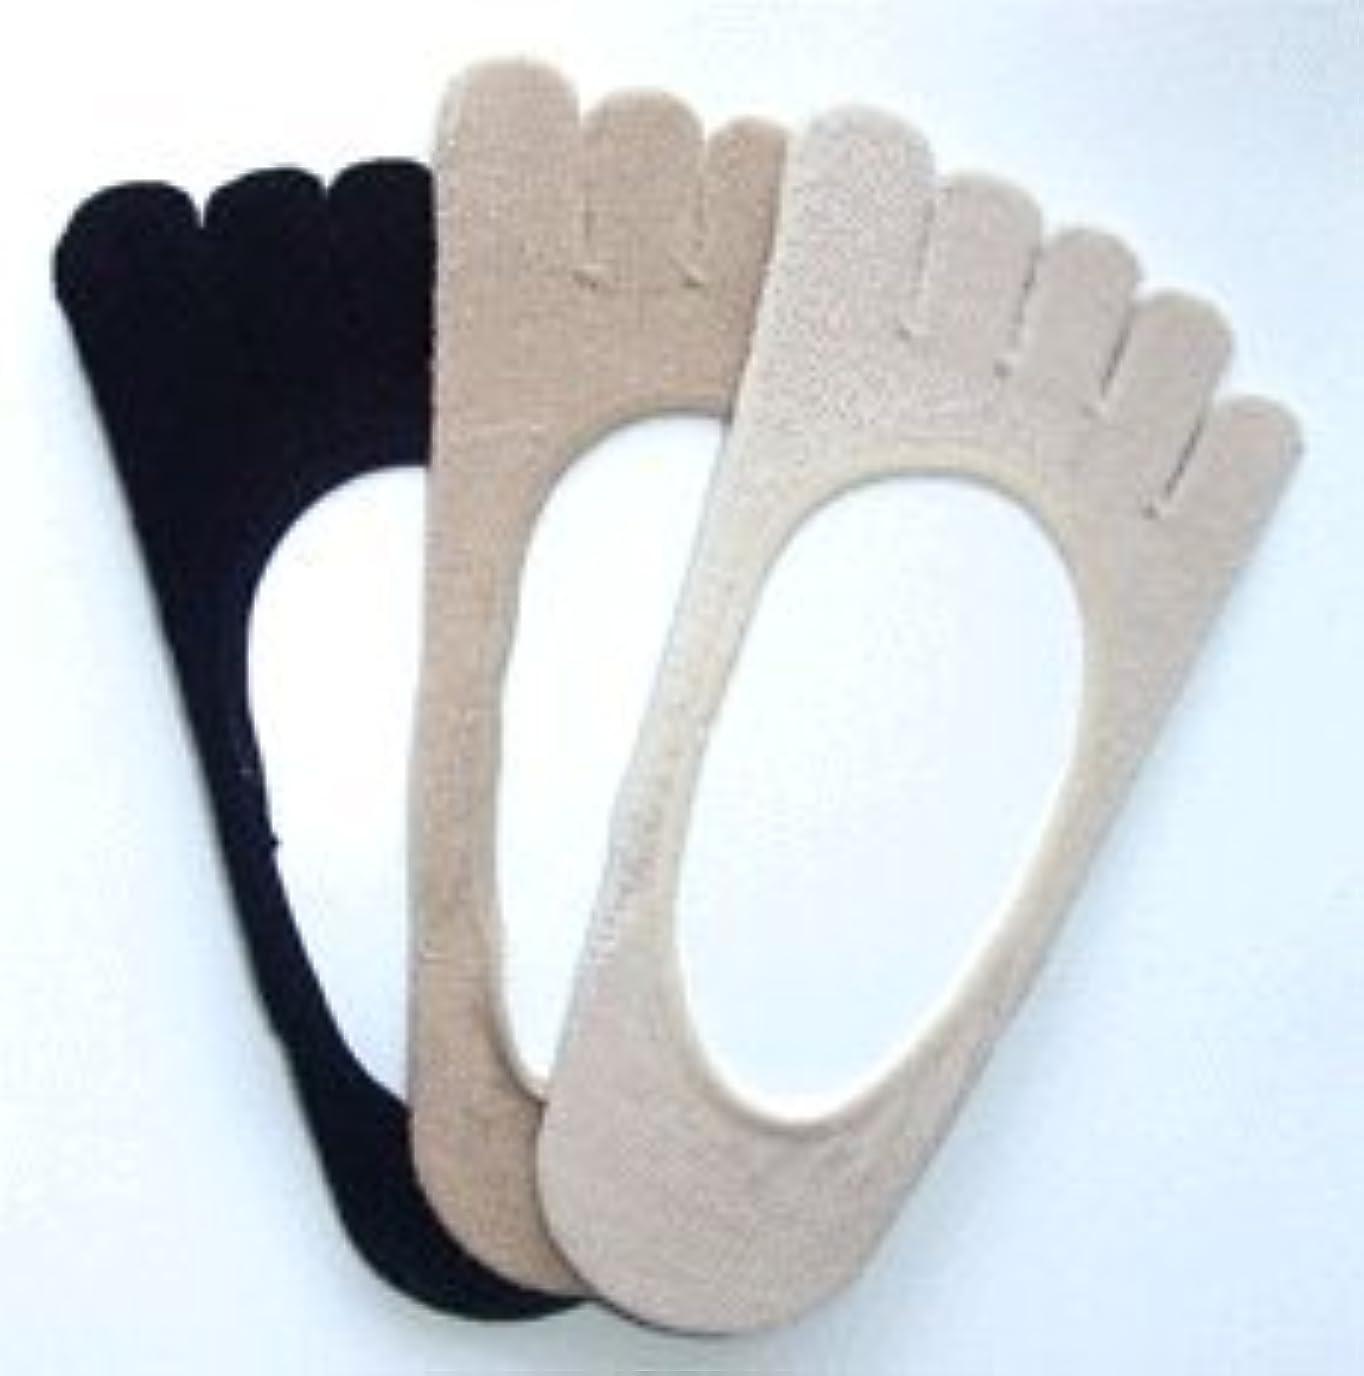 サーバ所持作業日本製 シルク五本指 フットカバー パンプスインソックス 3足組(ベージュ系2足、黒色1足)